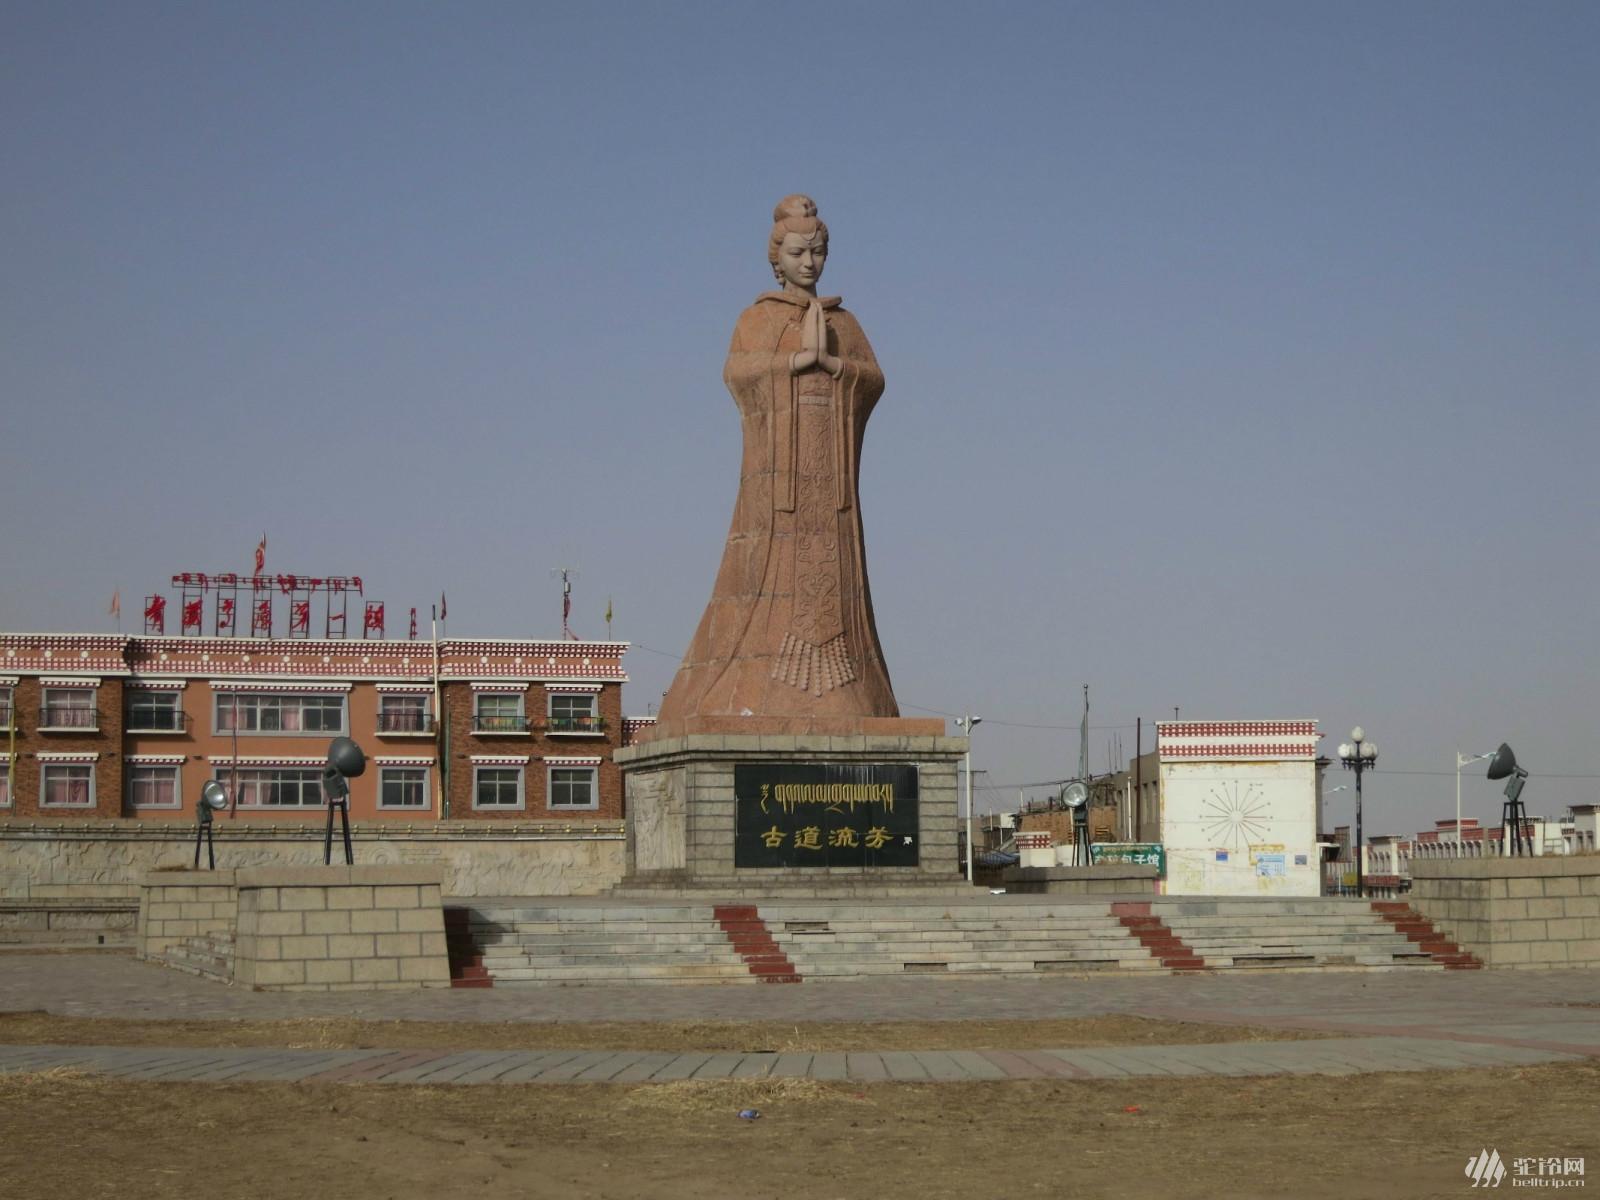 (24)真有22天的时间,你会去西藏吗?7月29号出发-户外活动图-驼铃网